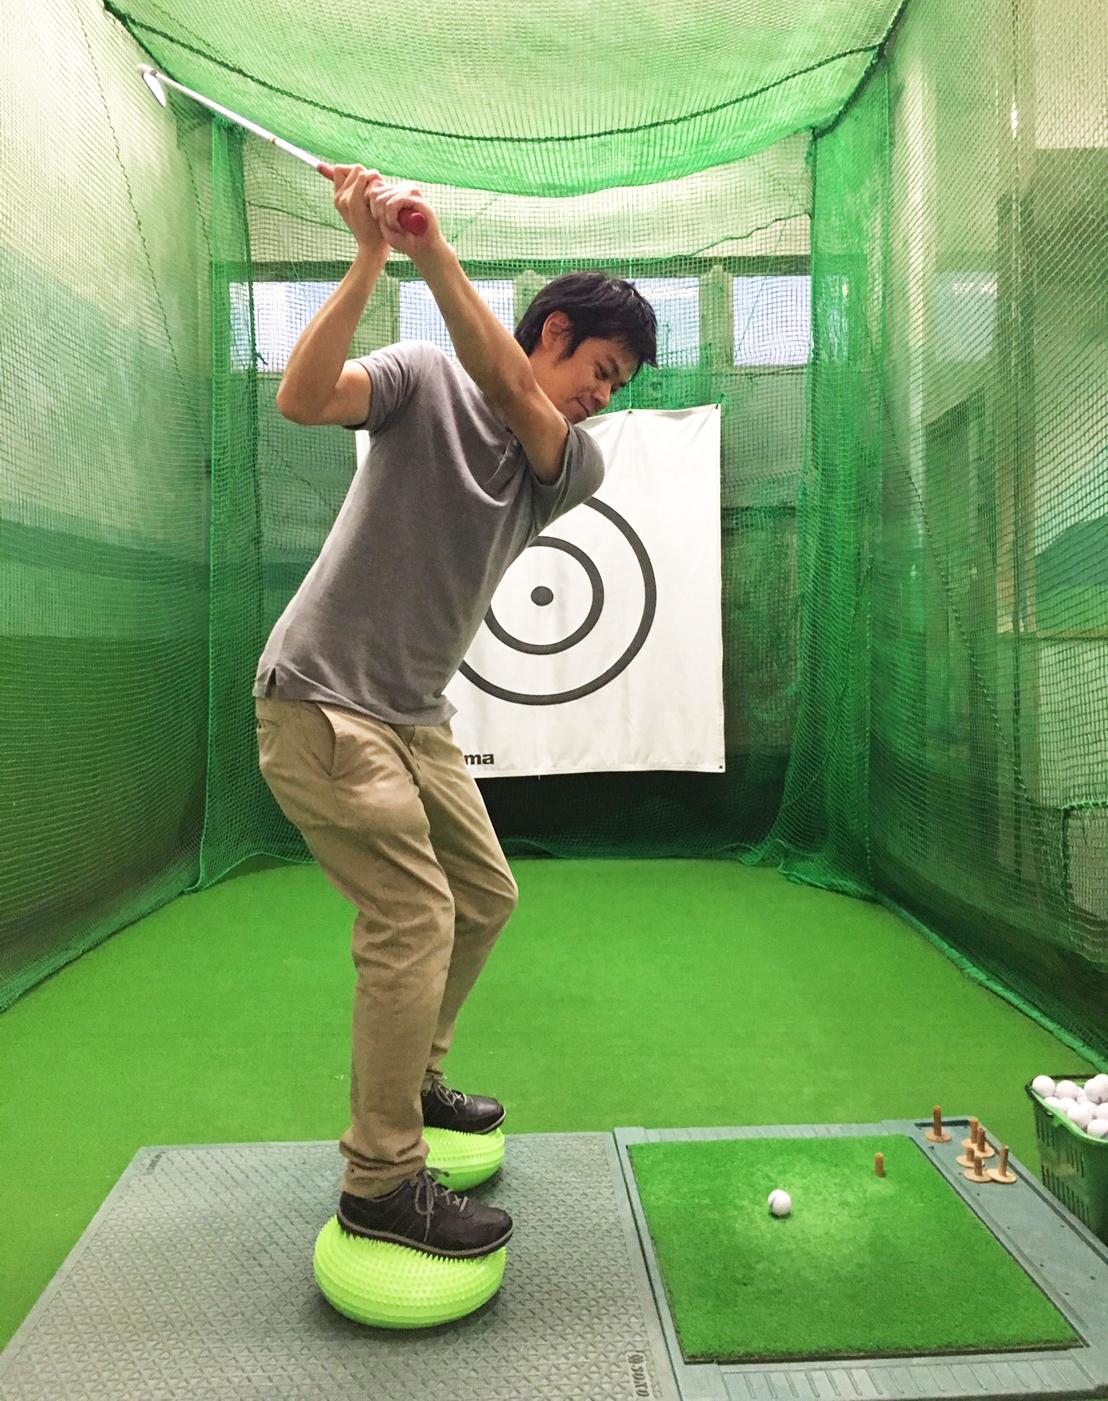 傾斜の練習方法【UGMゴルフスクールセントラルフィットネスクラブ市ケ尾店】